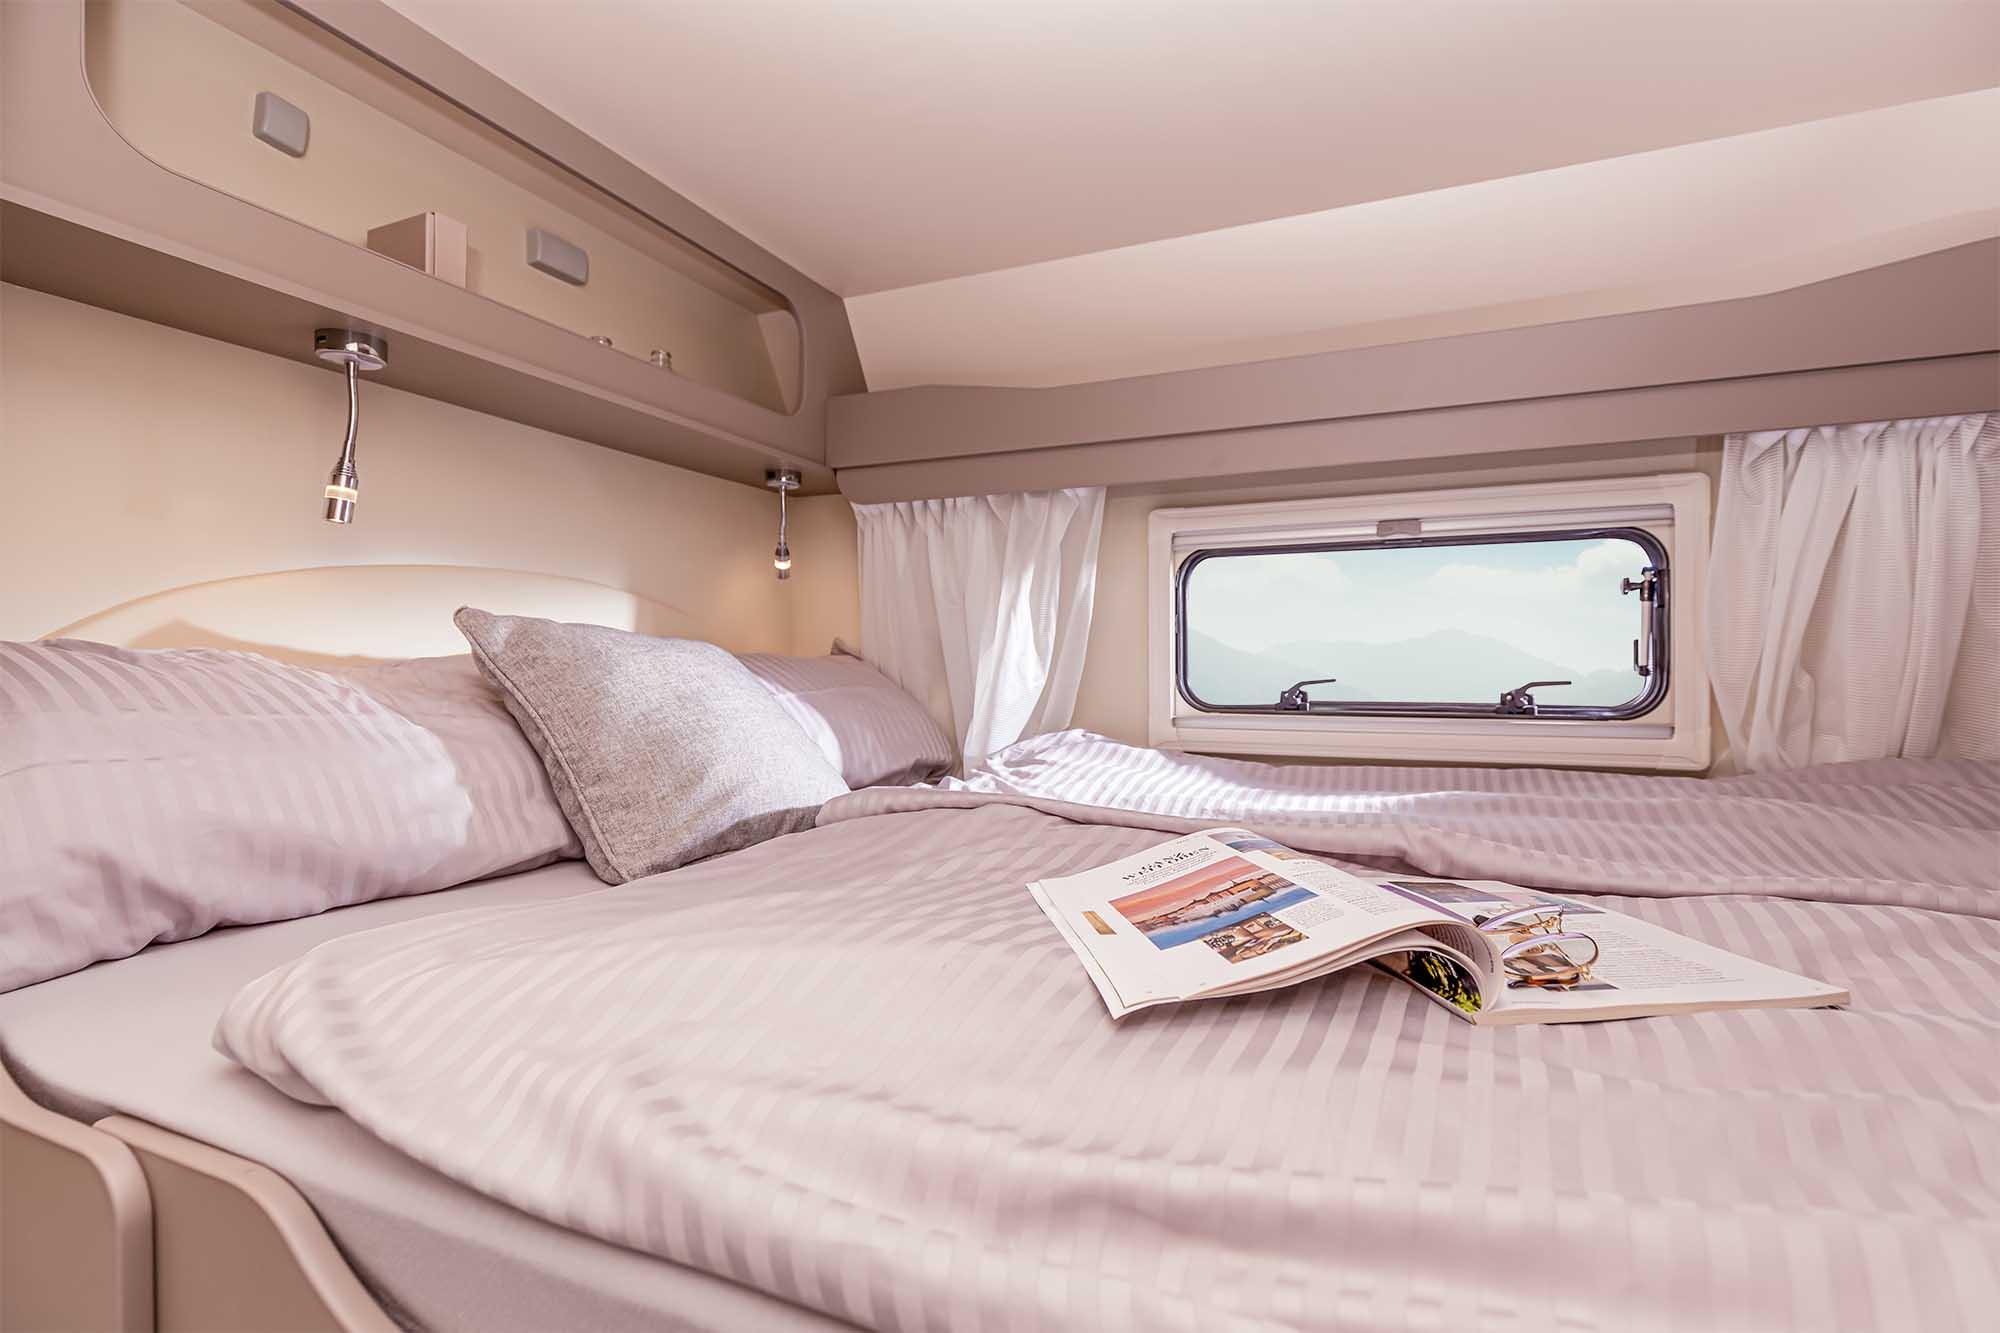 Zwei Personen können im großzügigen Alkoven-Doppelbett schlafen, welches tagsüber im hochgeklappten Zustand ein offenes Raumgefühl ermöglicht.